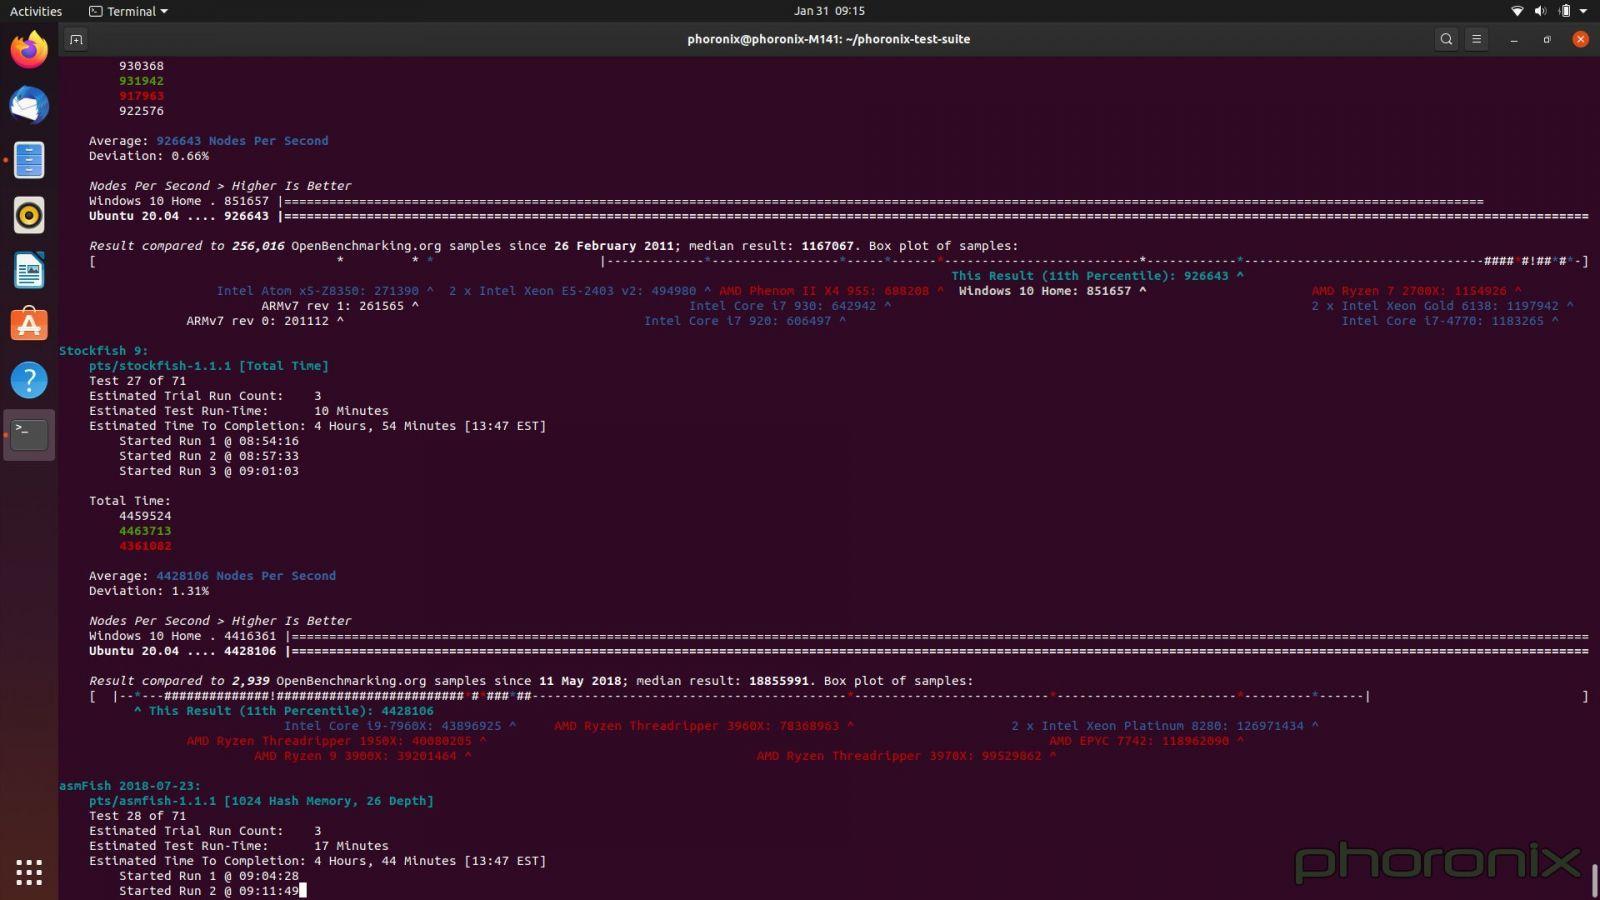 Ubuntu в тесте на производительность оказалась быстрее, чем Windows 10 (image 2 large)